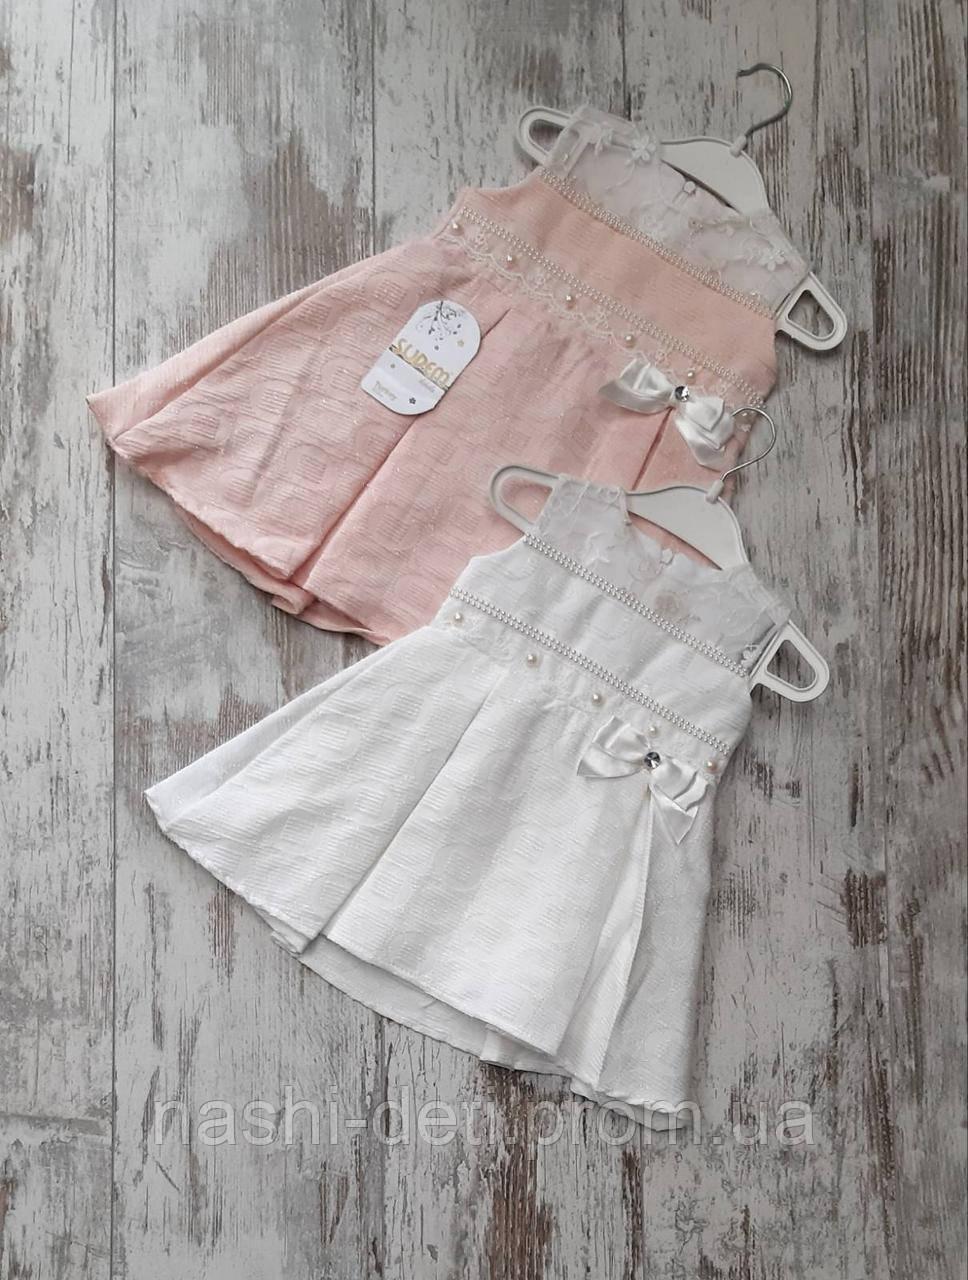 Платье для девочек нарядные.  Размер от 2-4 лет. Оптом